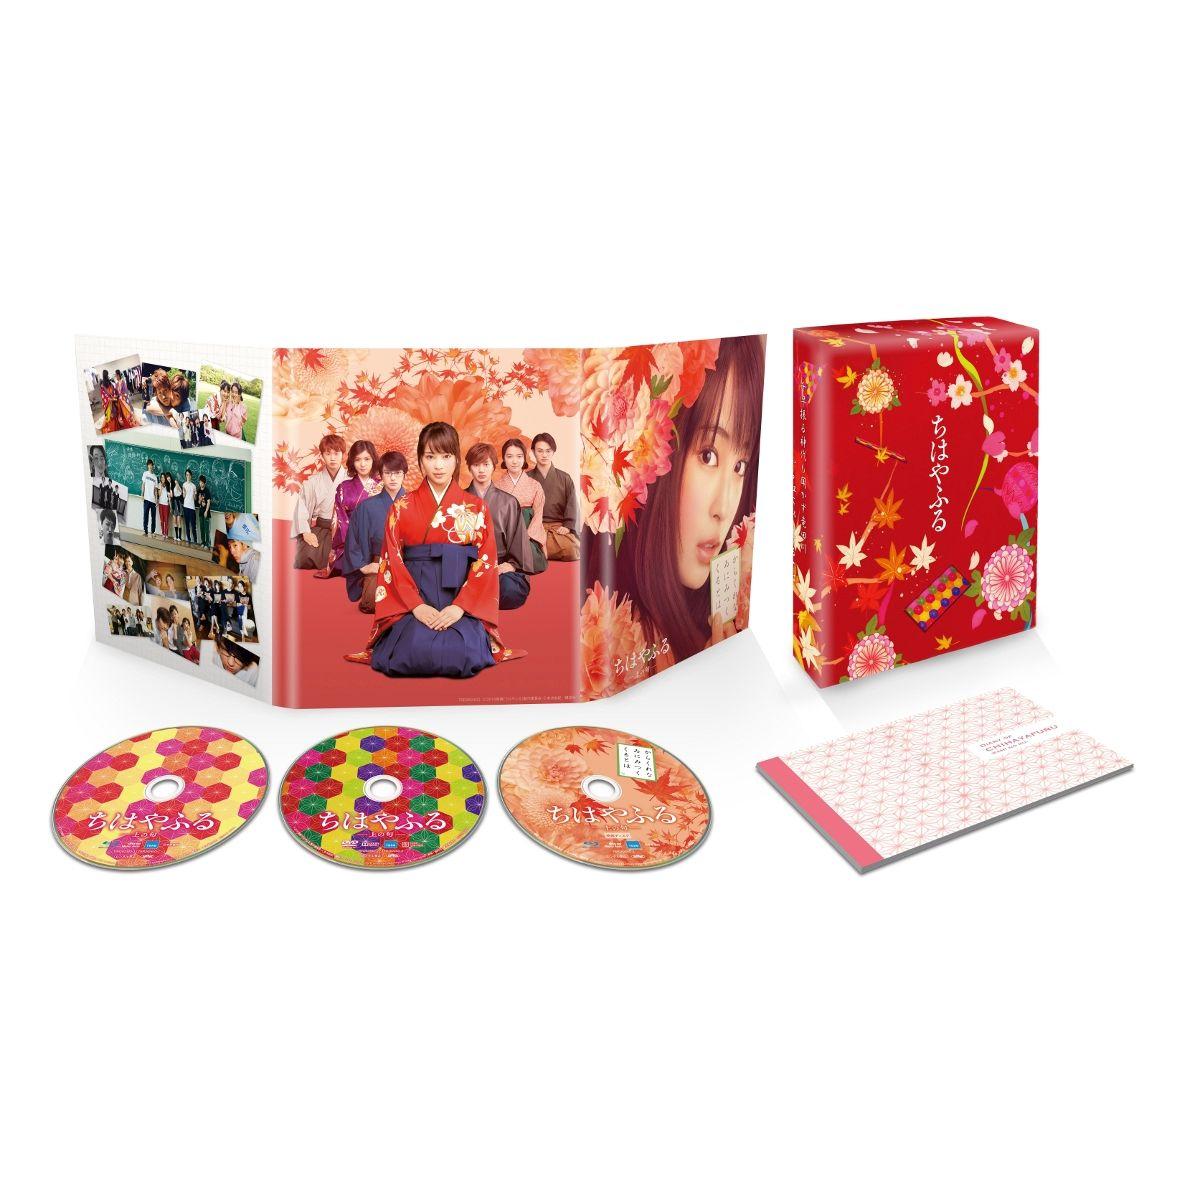 ちはやふる -上の句- 豪華版 Blu-ray&DVDセット(特典Blu-ray付)[TBR-26240D][Blu-ray/ブルーレイ]